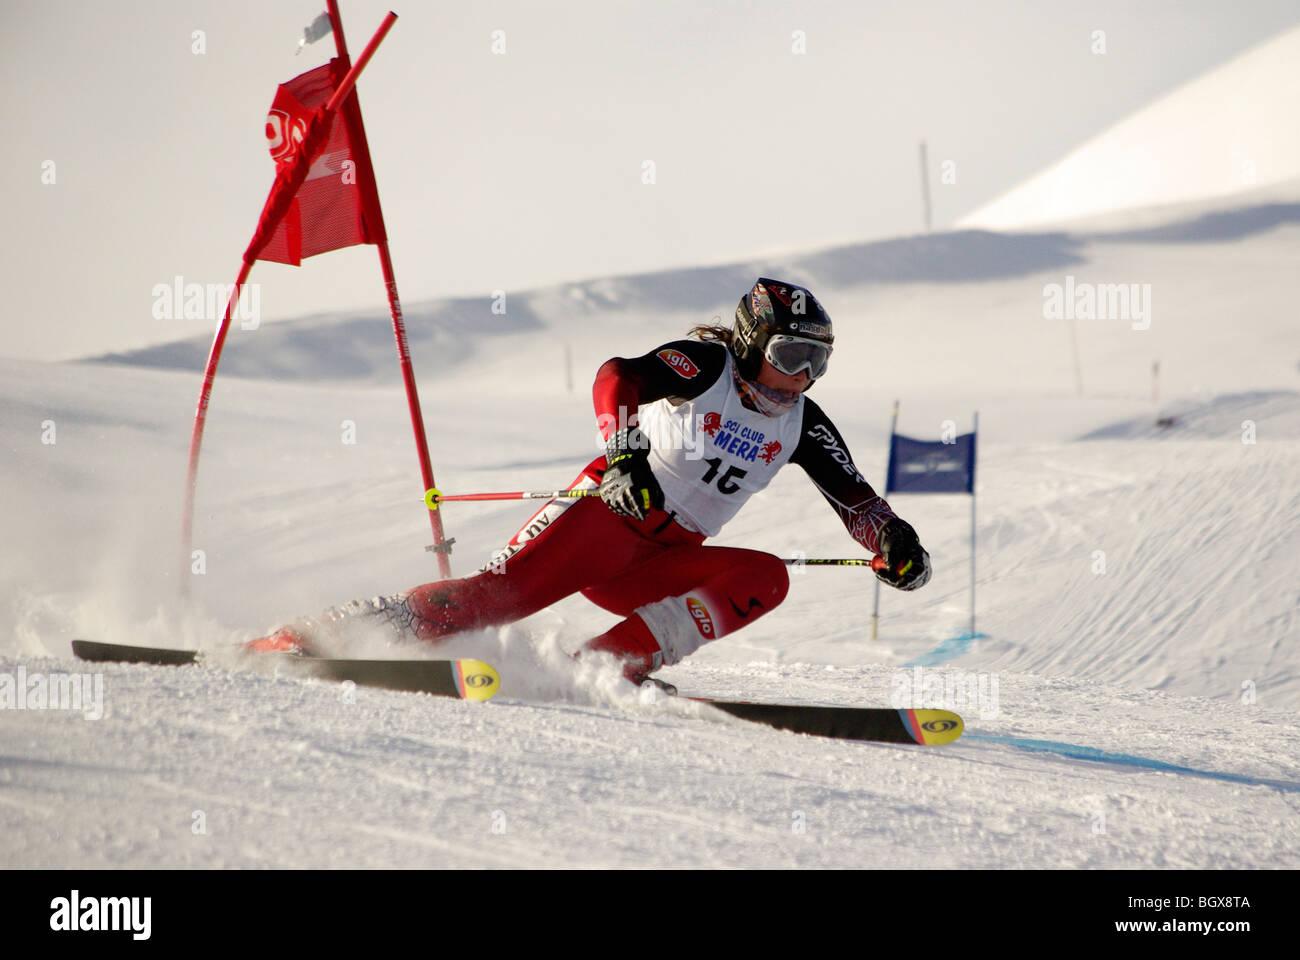 Course de ski, à proximité du pôle de la courbe de l'athlète Photo Stock